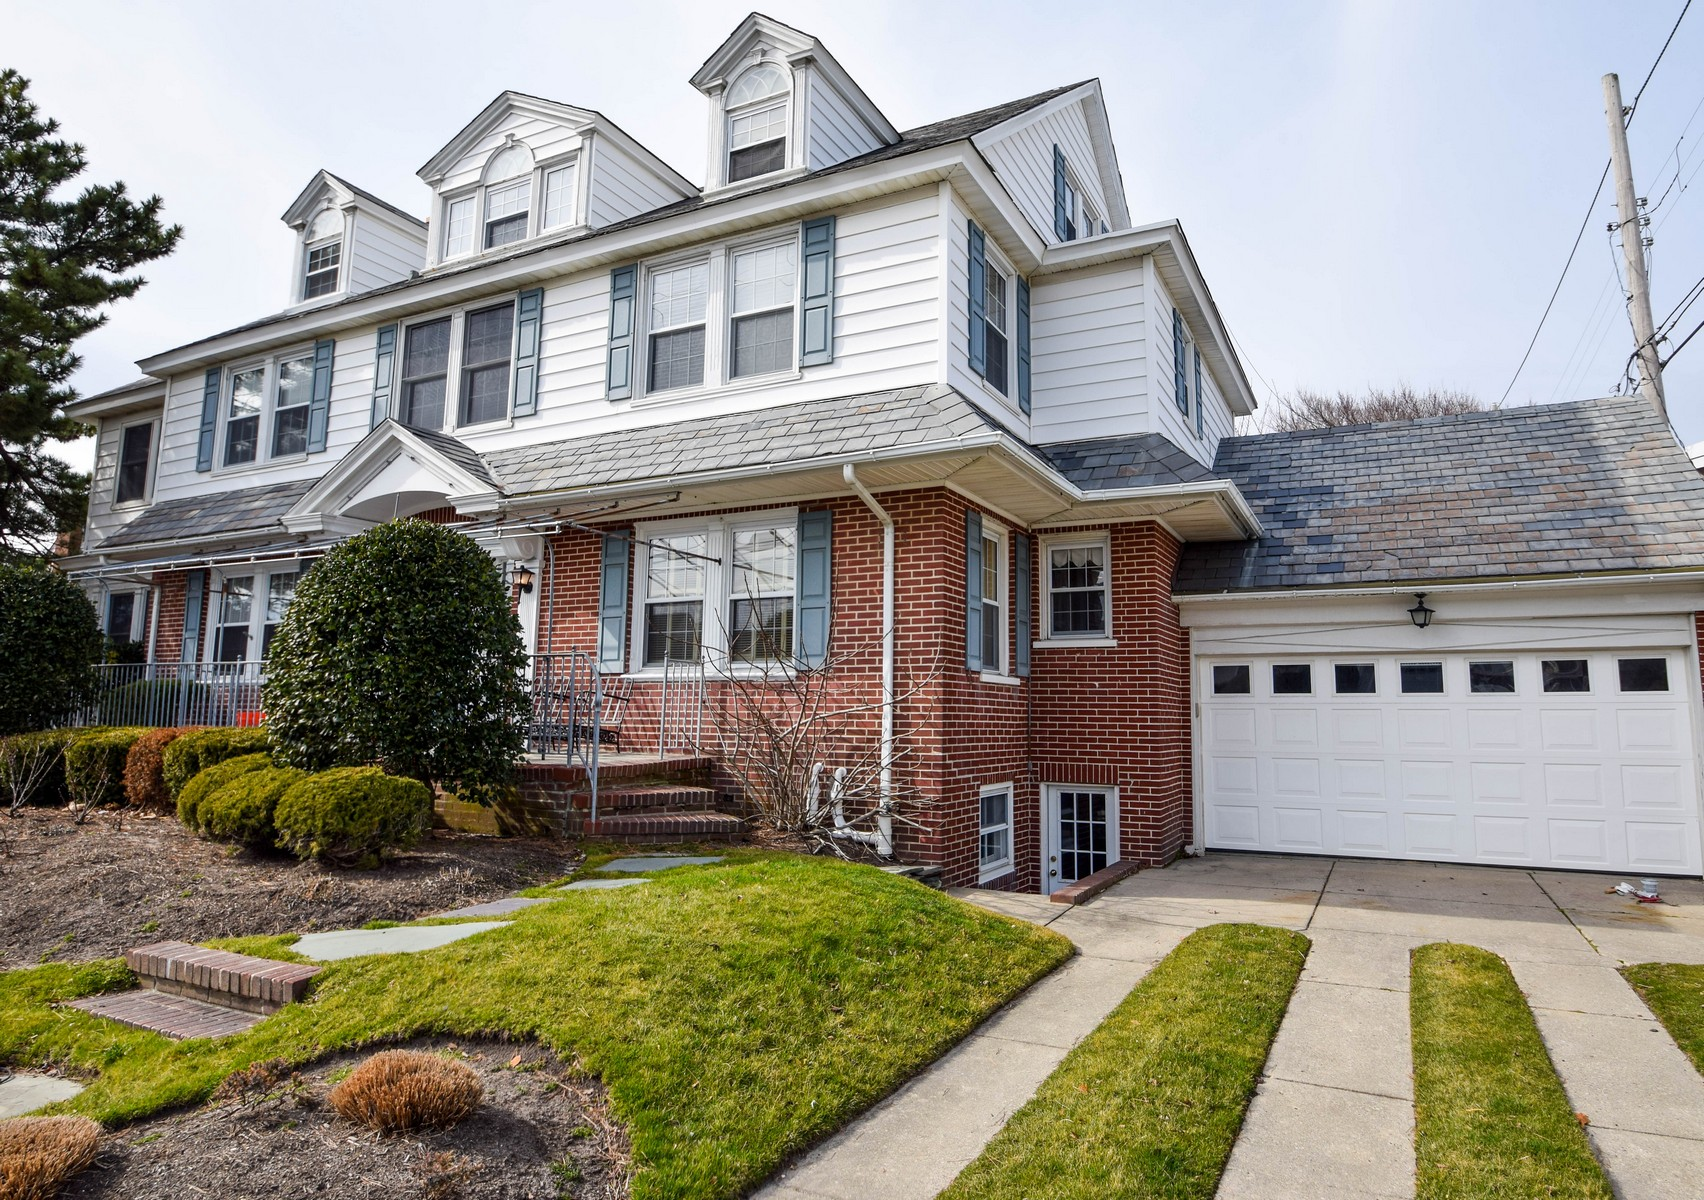 Casa Unifamiliar por un Venta en 8807 Atlantic Avenue Margate, Nueva Jersey 08402 Estados Unidos